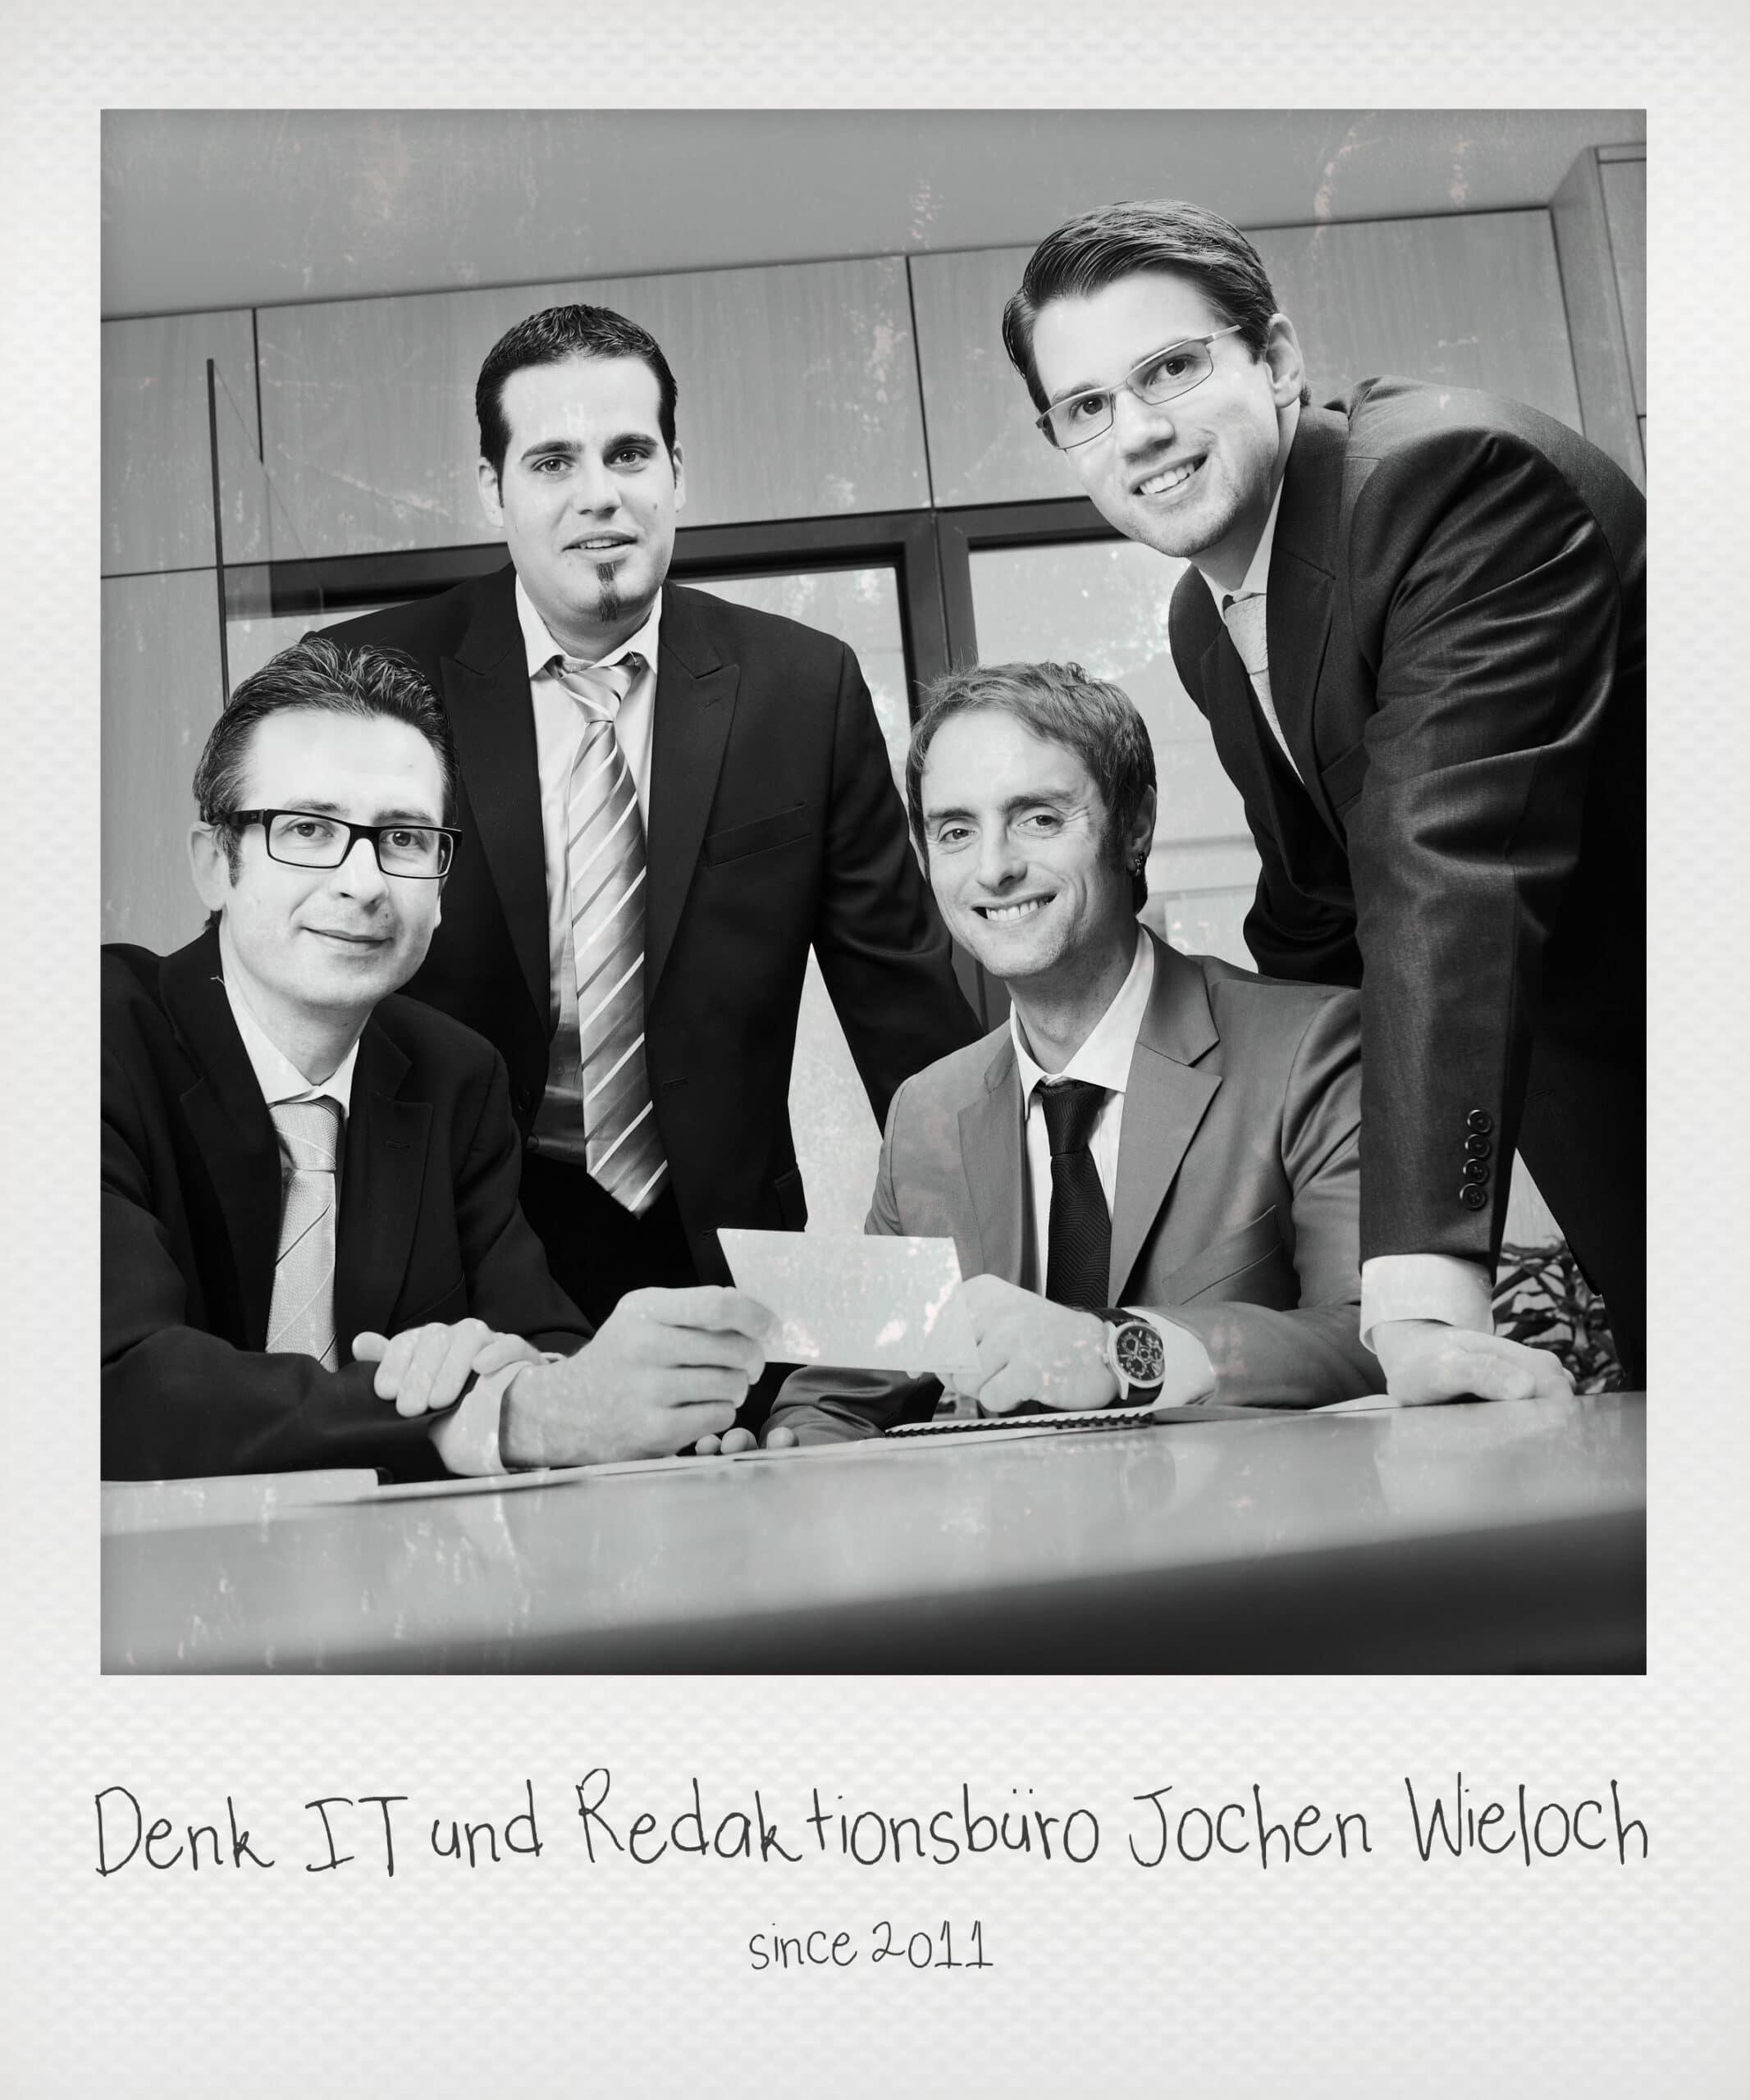 10 Jahre Redaktionsbüro Wieloch und Denk IT